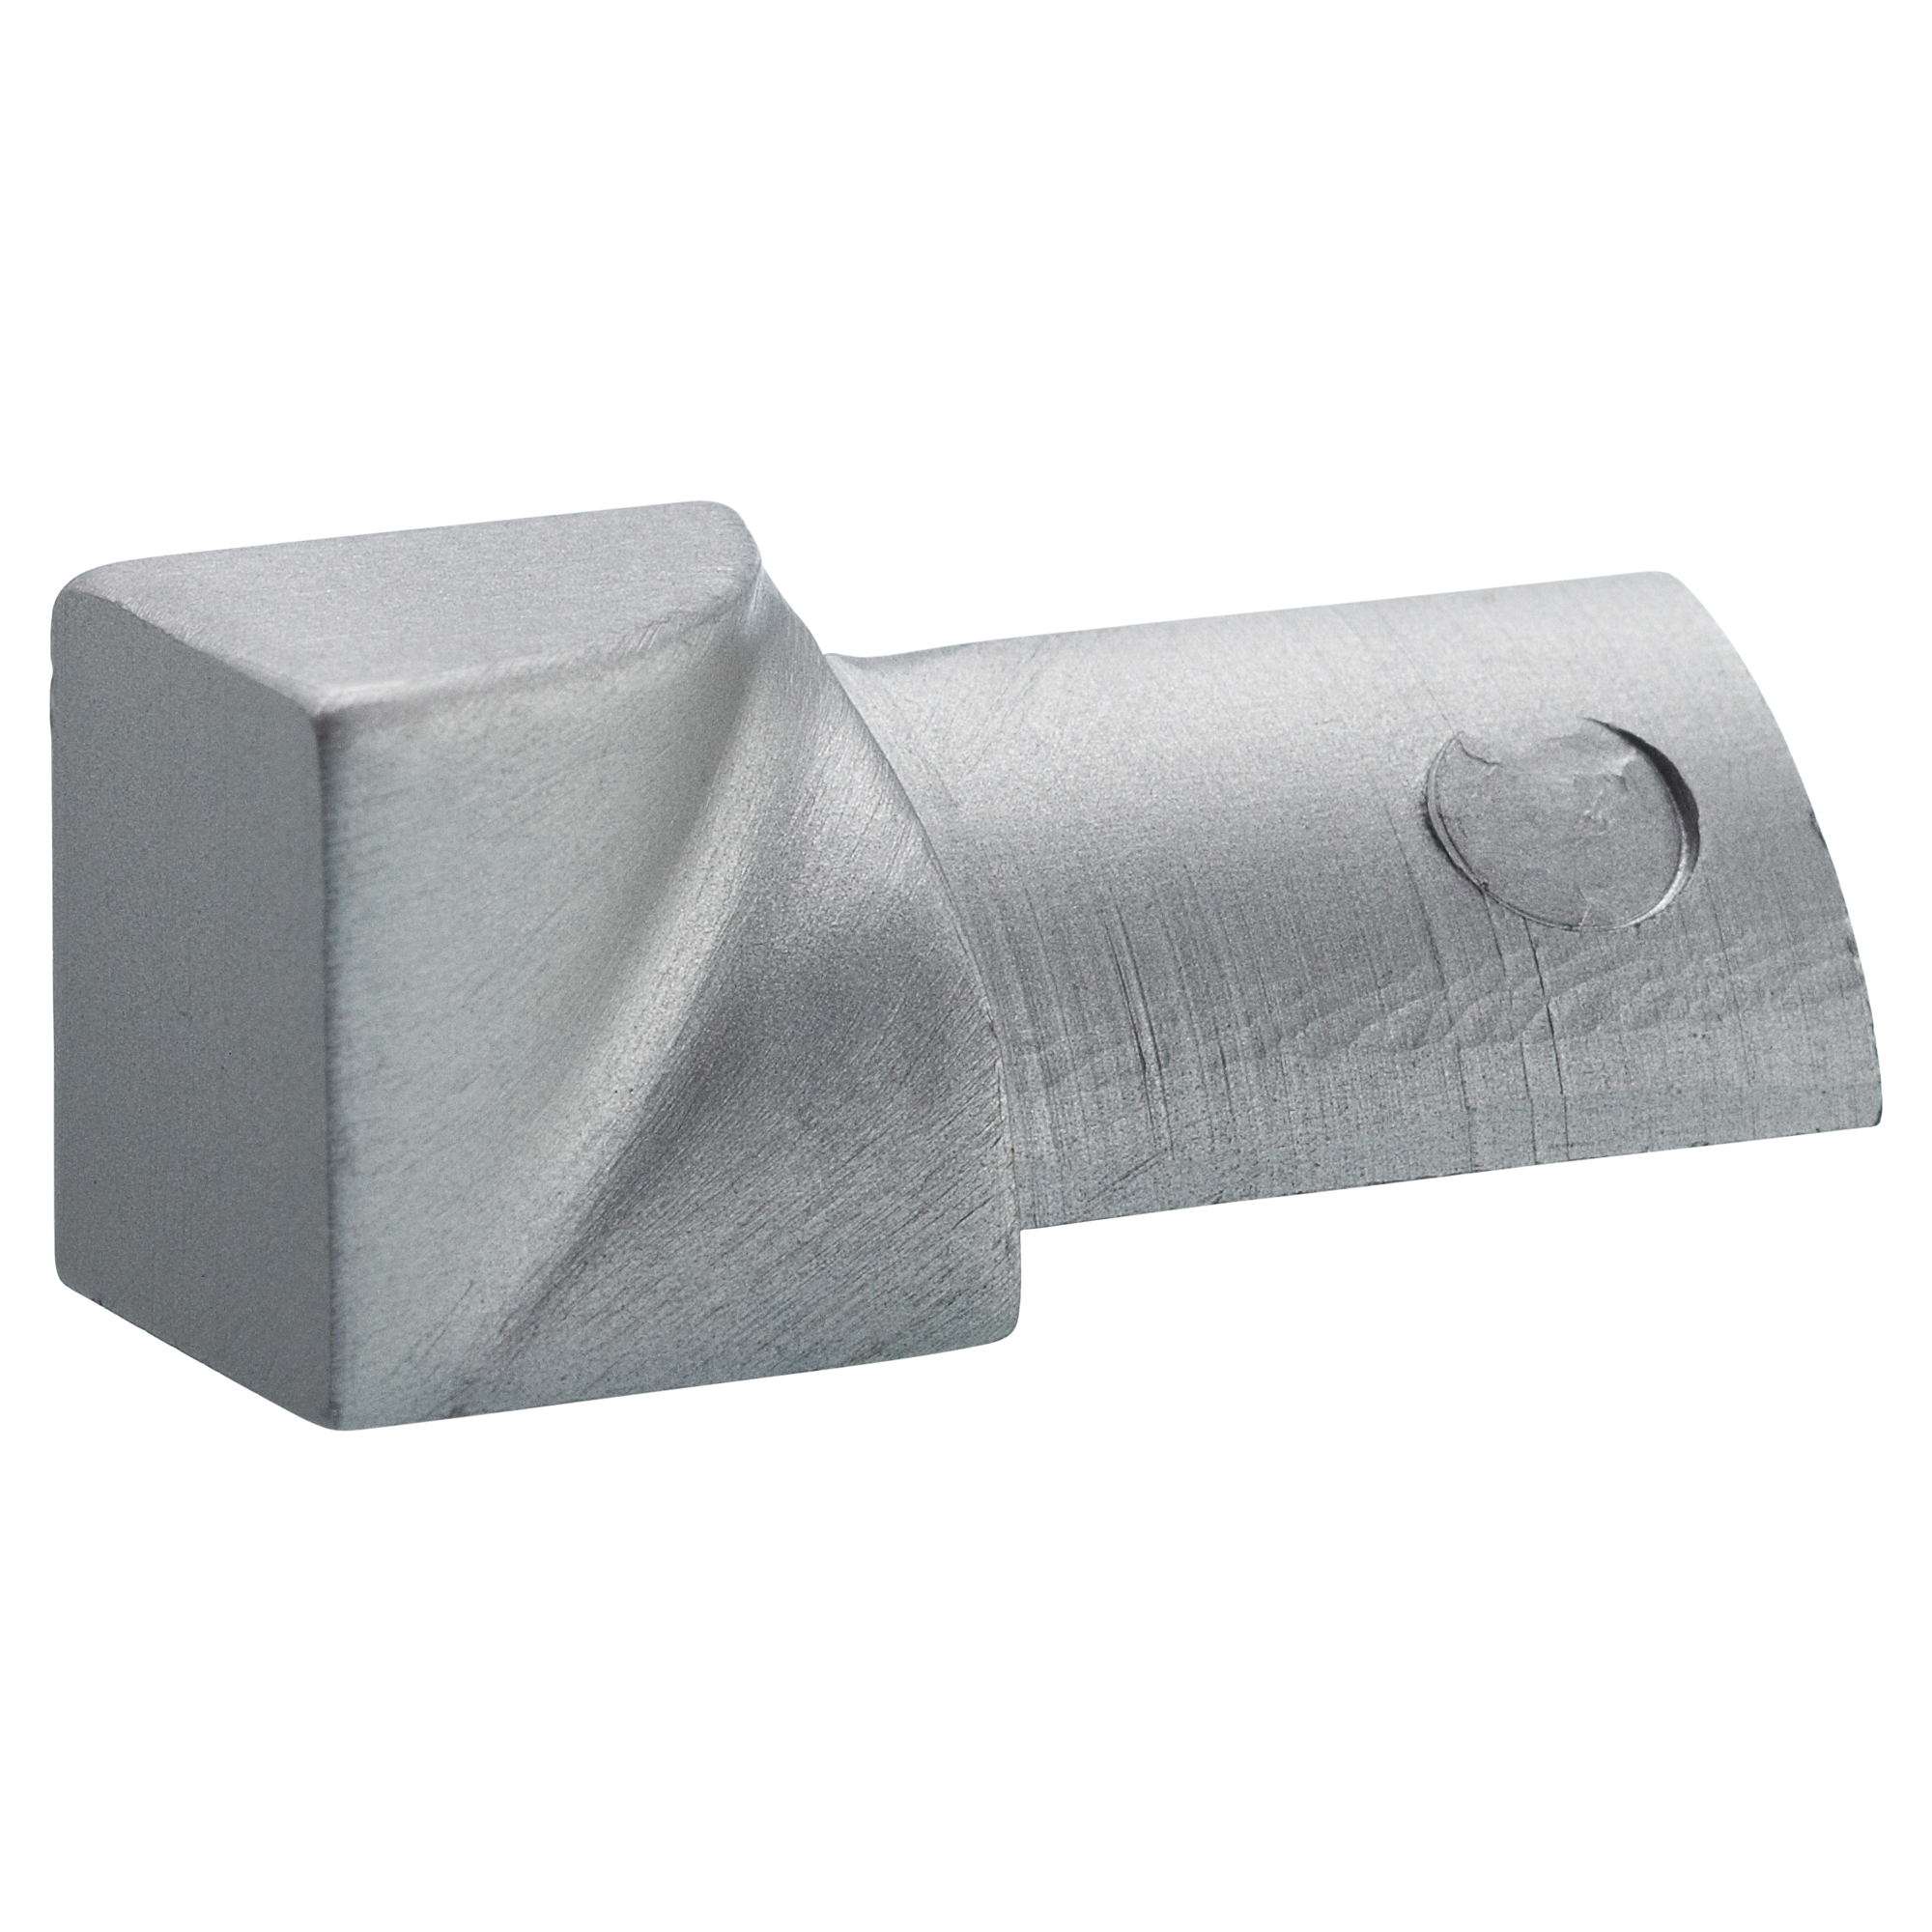 Profilleiste Massivholz 36 X 15 Mm Stabile Konstruktion Leisten, Paneelen & Profile